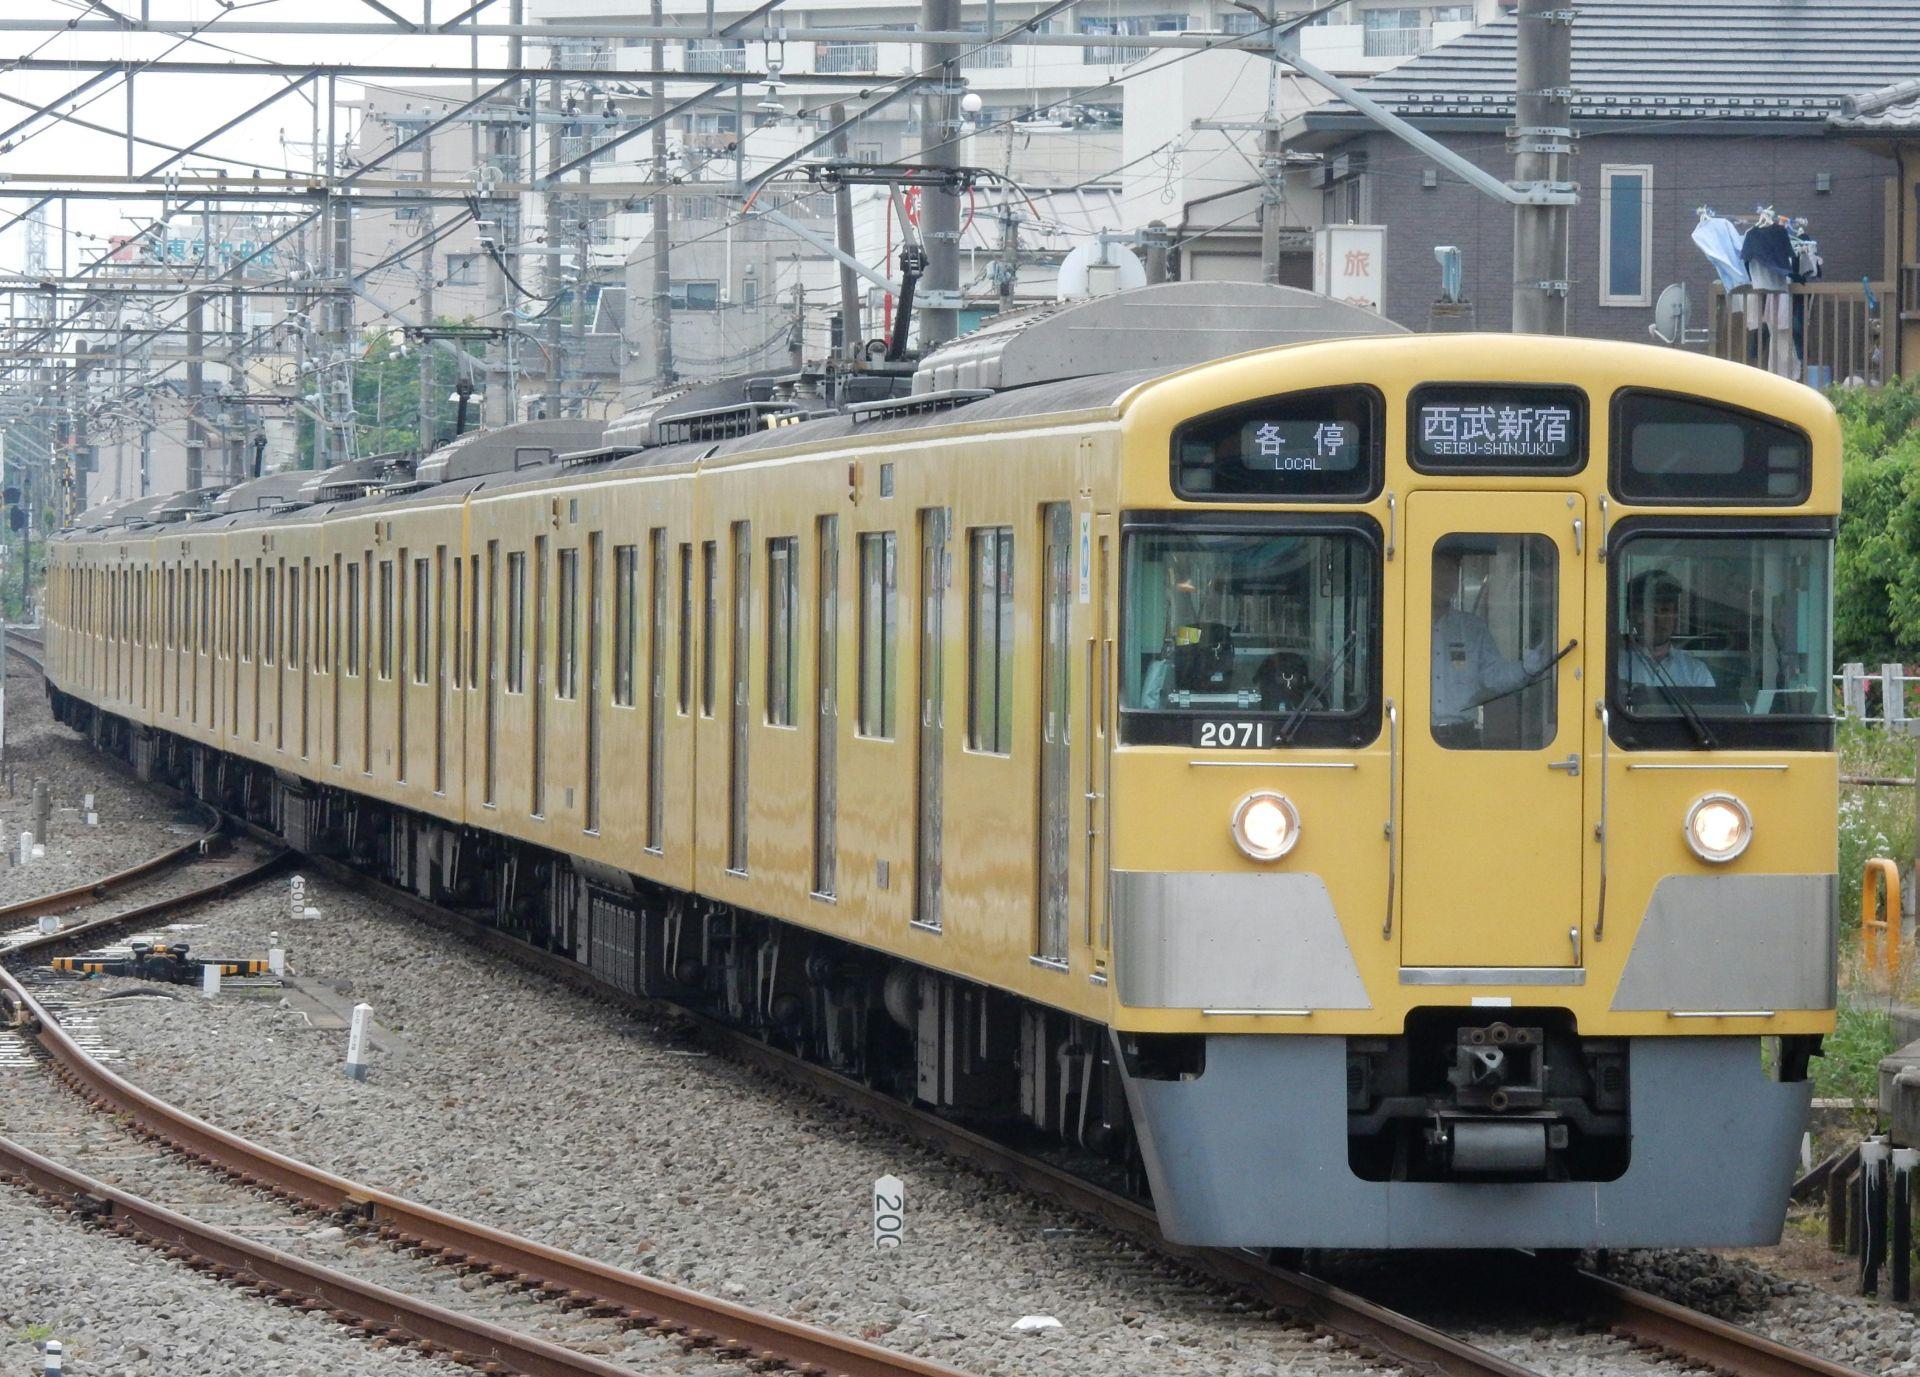 DSCN9978 - コピー